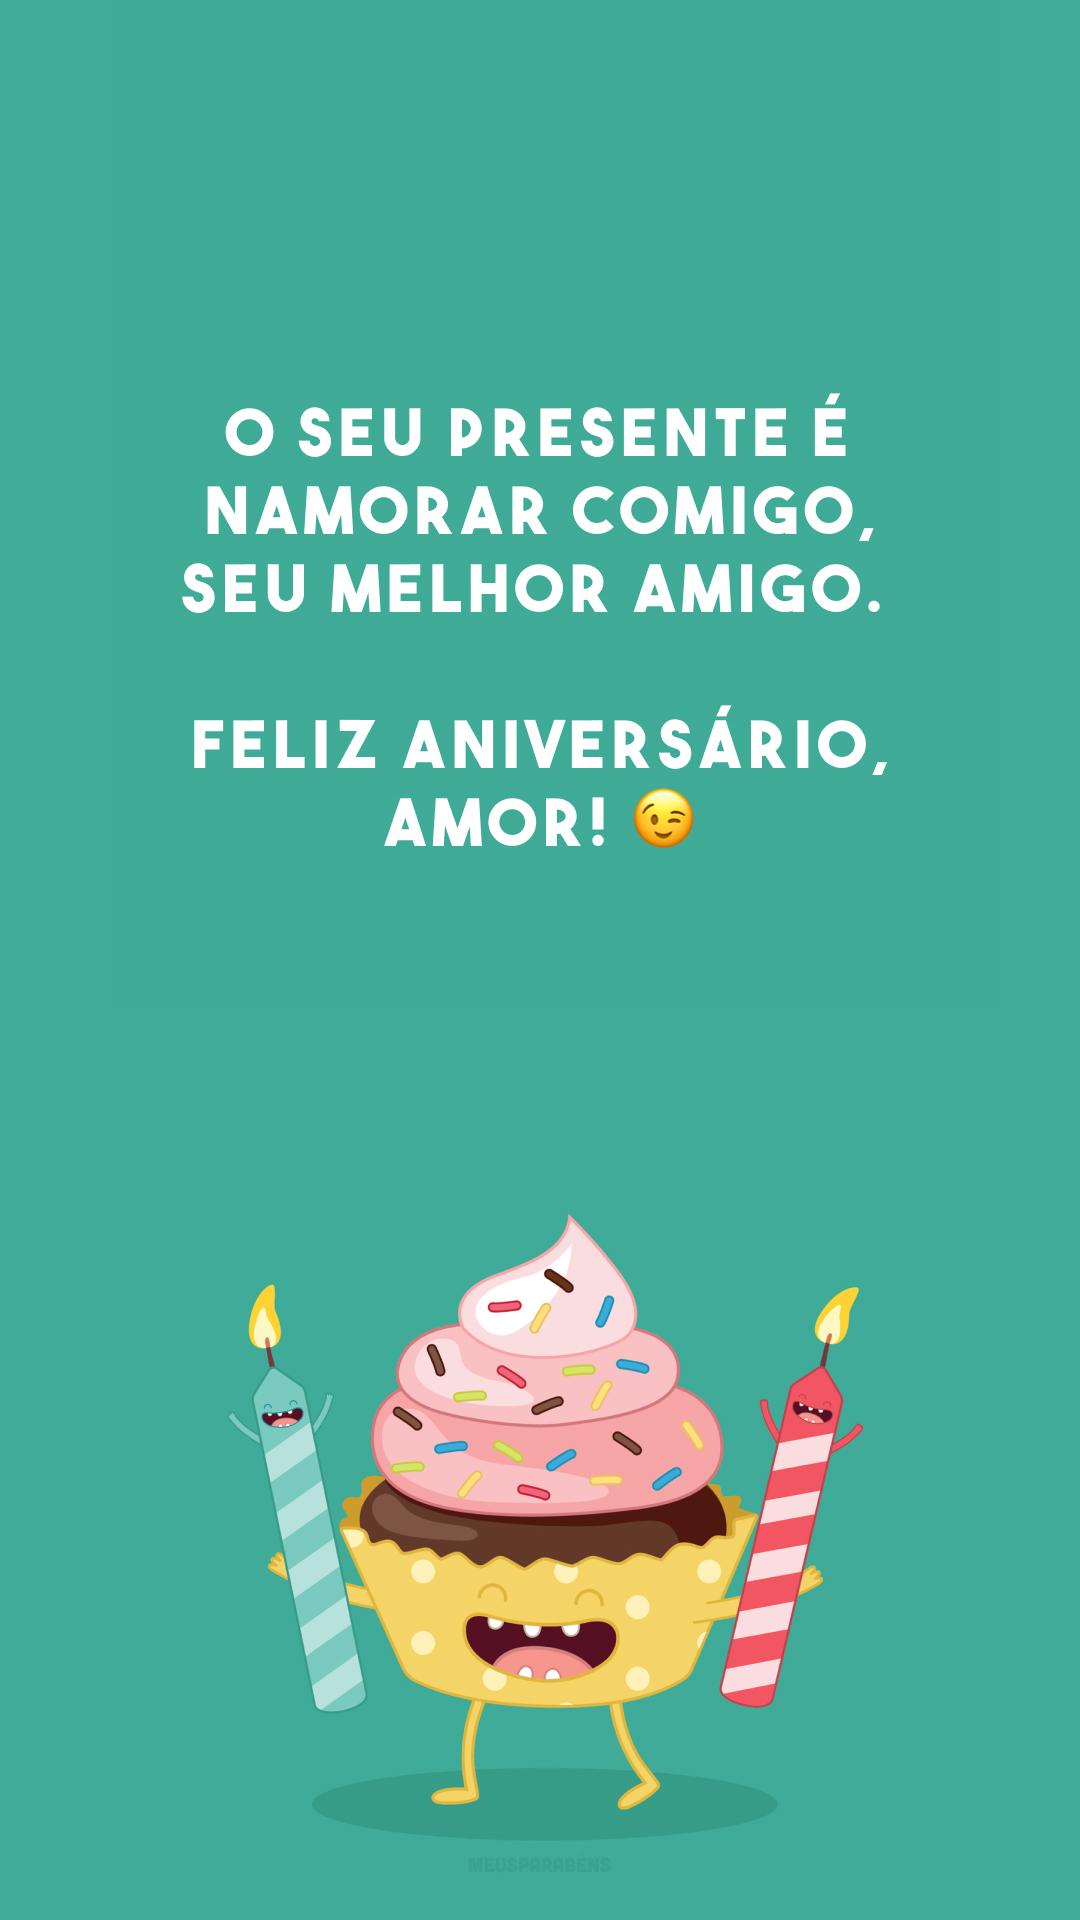 O seu presente é namorar comigo, seu melhor amigo. Feliz aniversário, amor! 😉